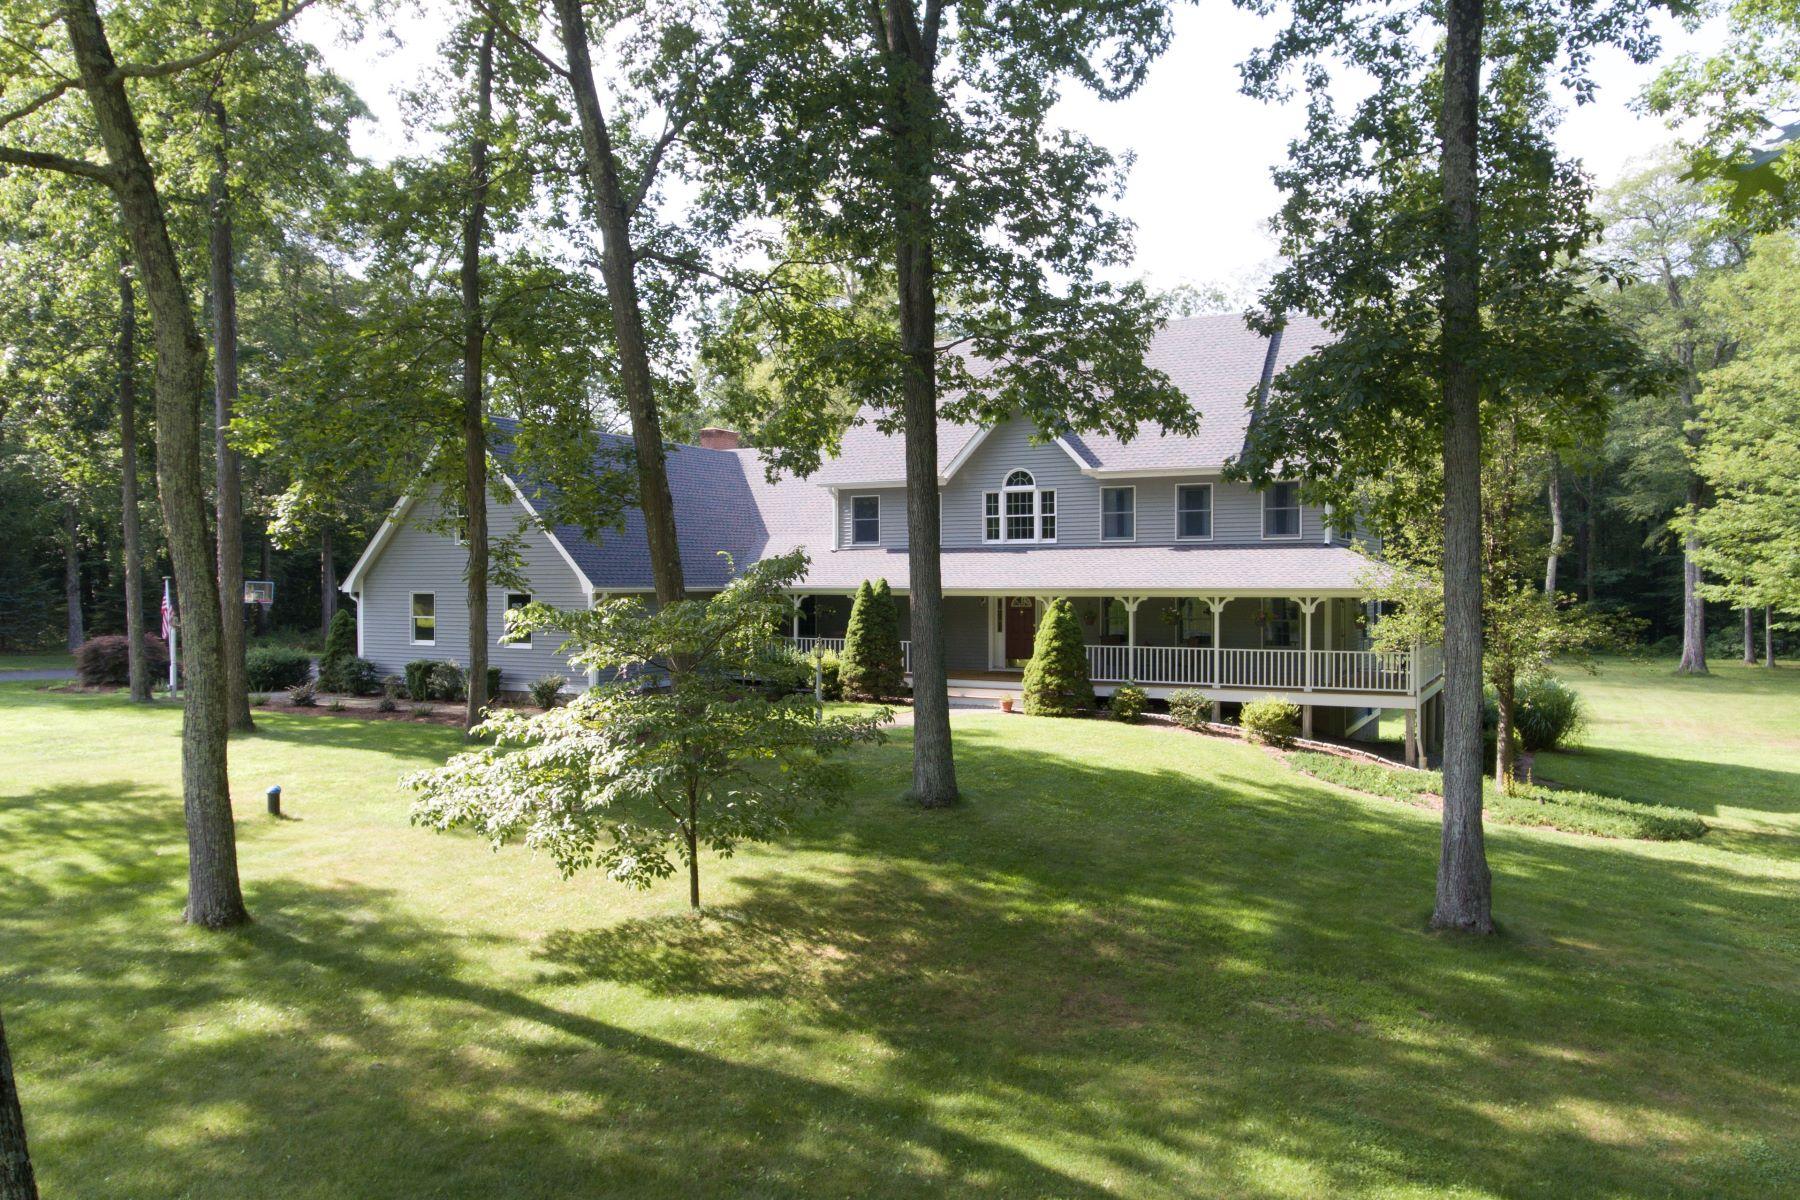 Частный односемейный дом для того Продажа на Custom Built Home 73 Wolf Pit Drive Southbury, Коннектикут 06488 Соединенные Штаты